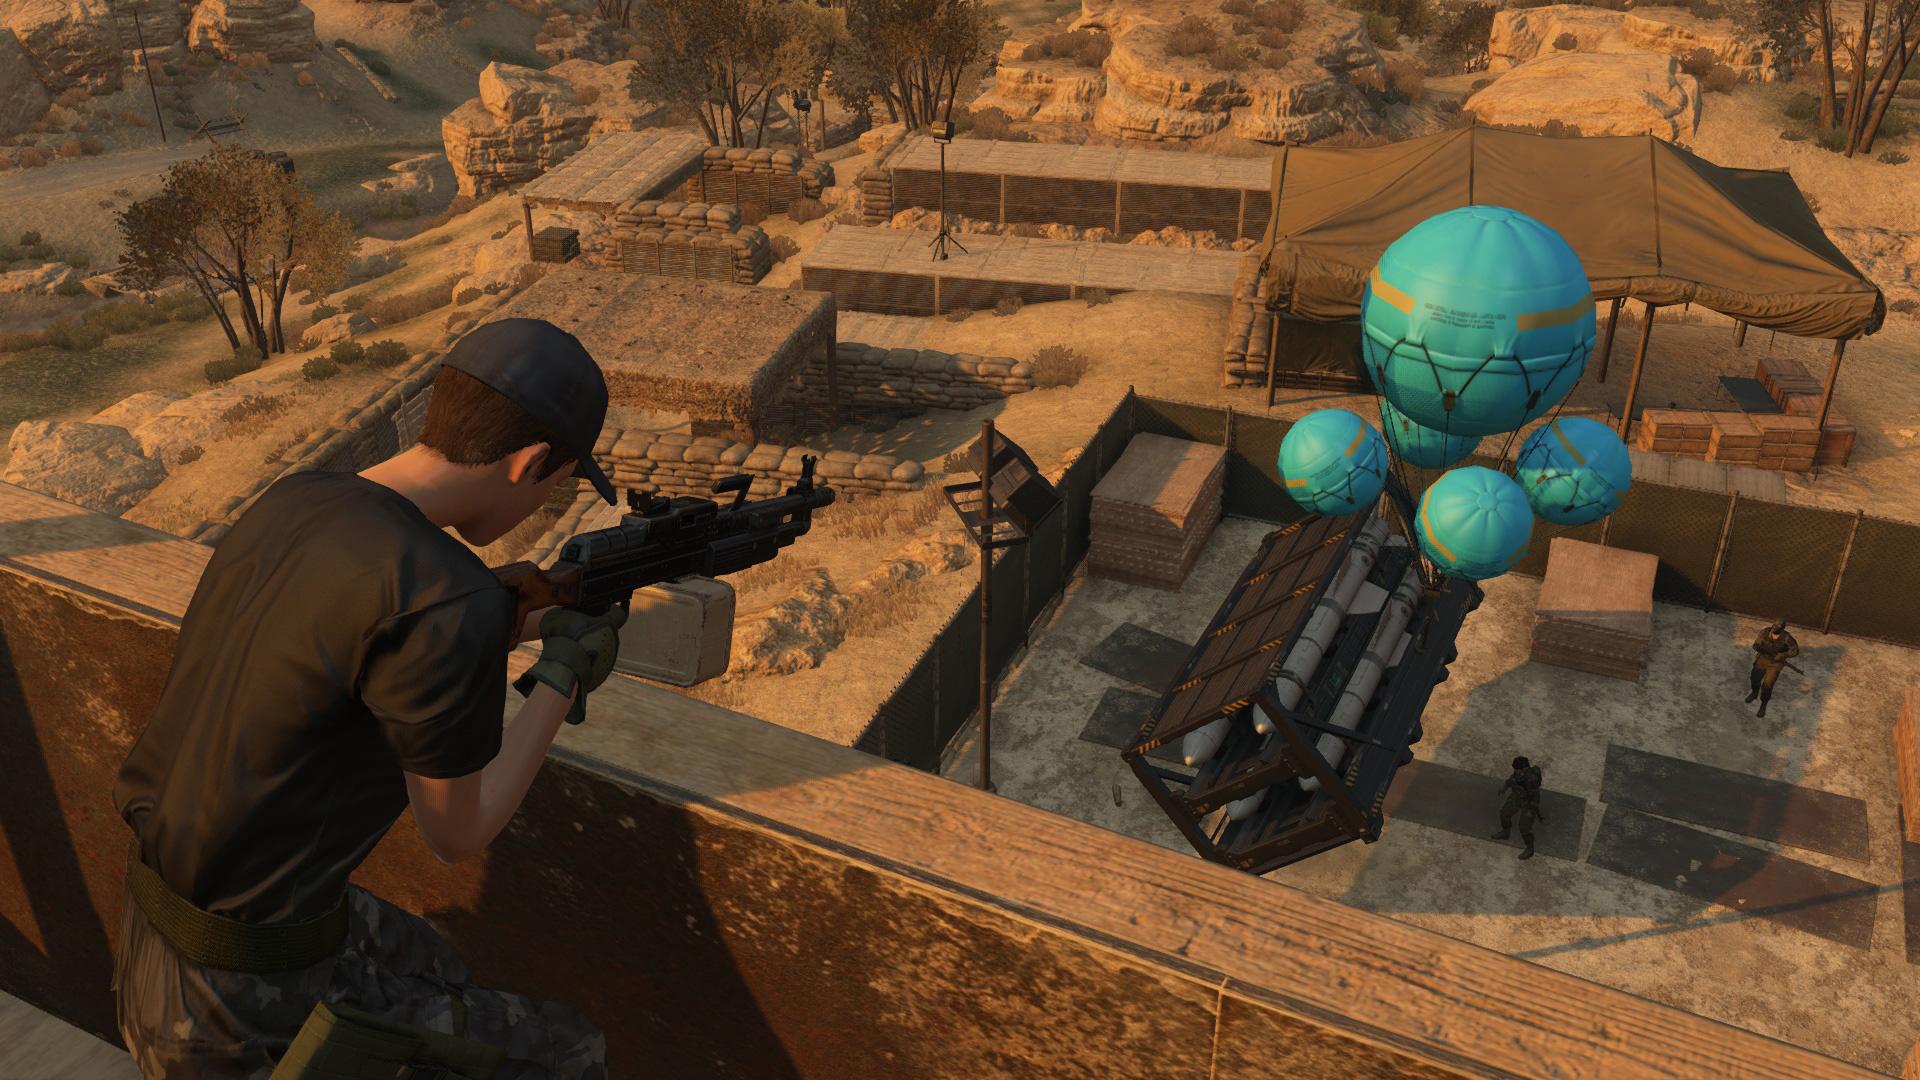 Metal-Gear-Online-Sabotage-2